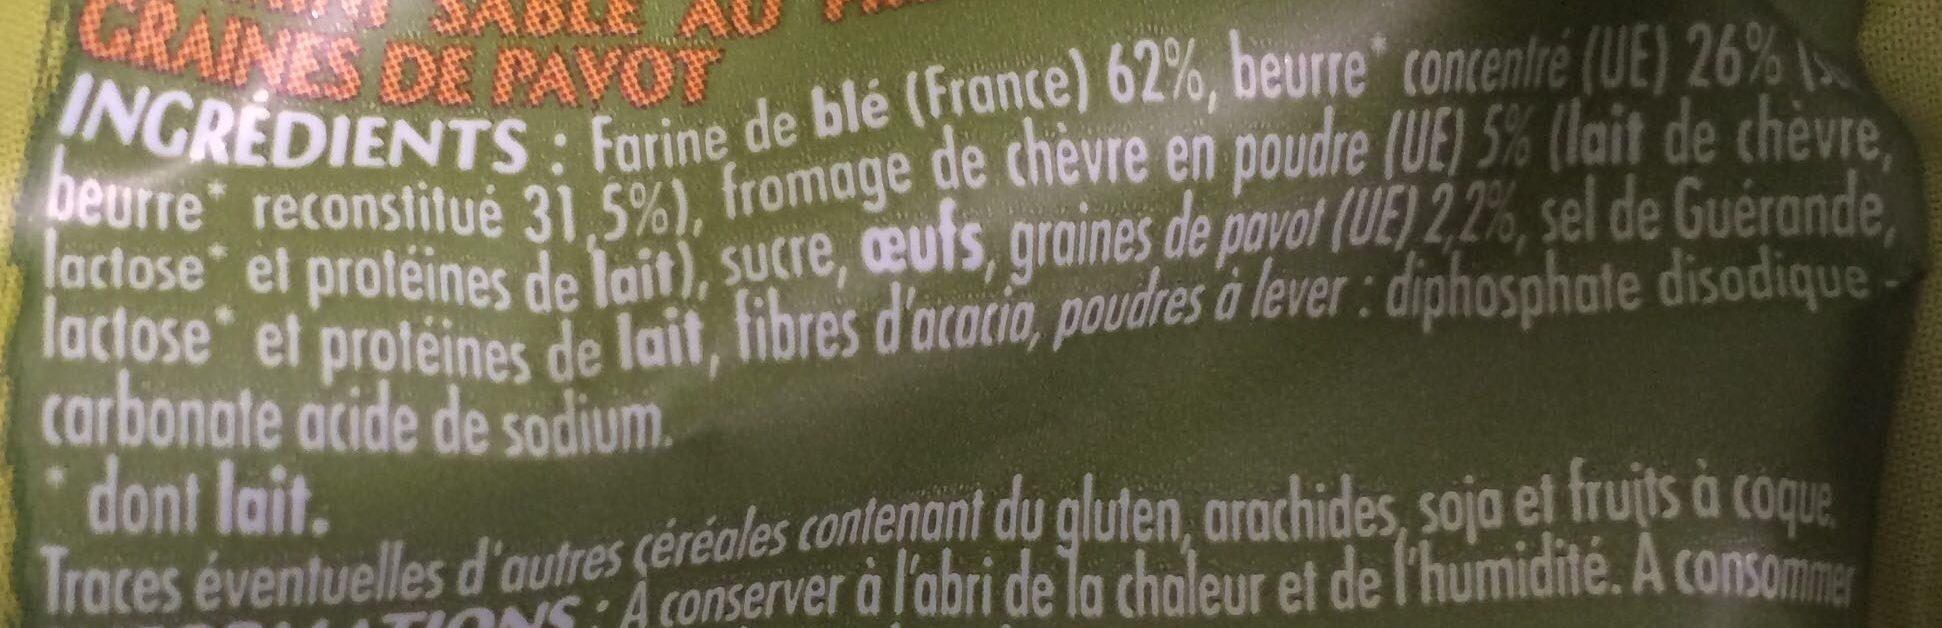 Les petits sablés au beurre Chèvre et Pavot - Ingrediënten - fr